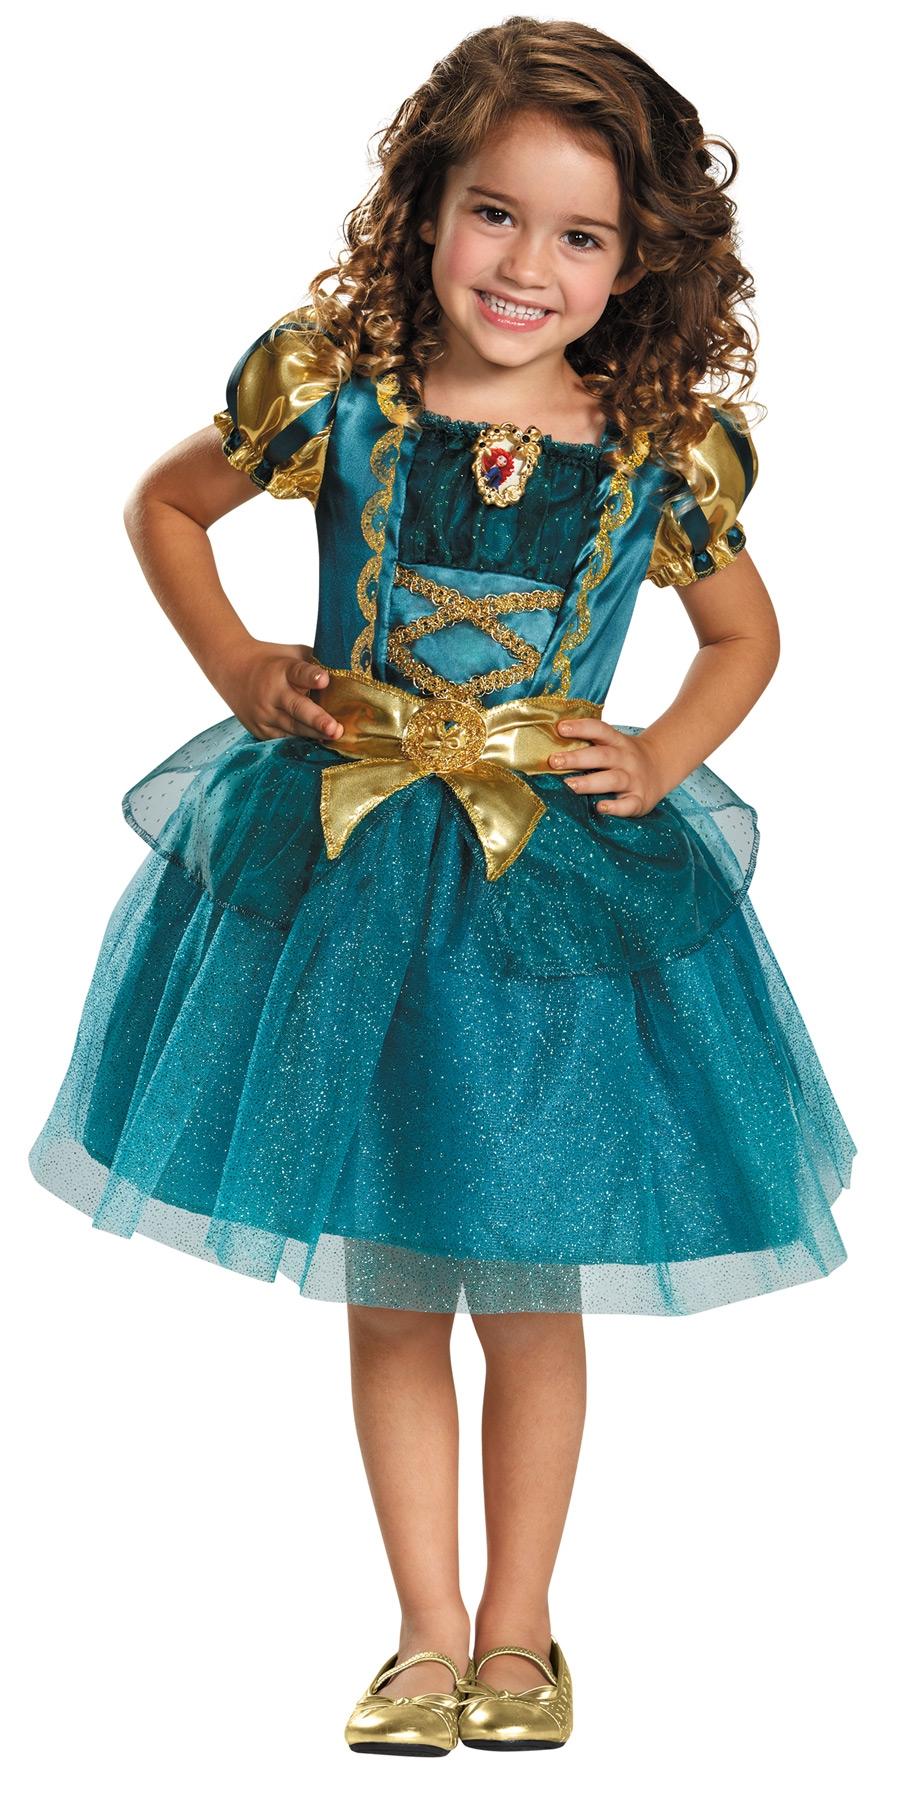 цены на Детский костюм принцессы Мериды (28-32) в интернет-магазинах